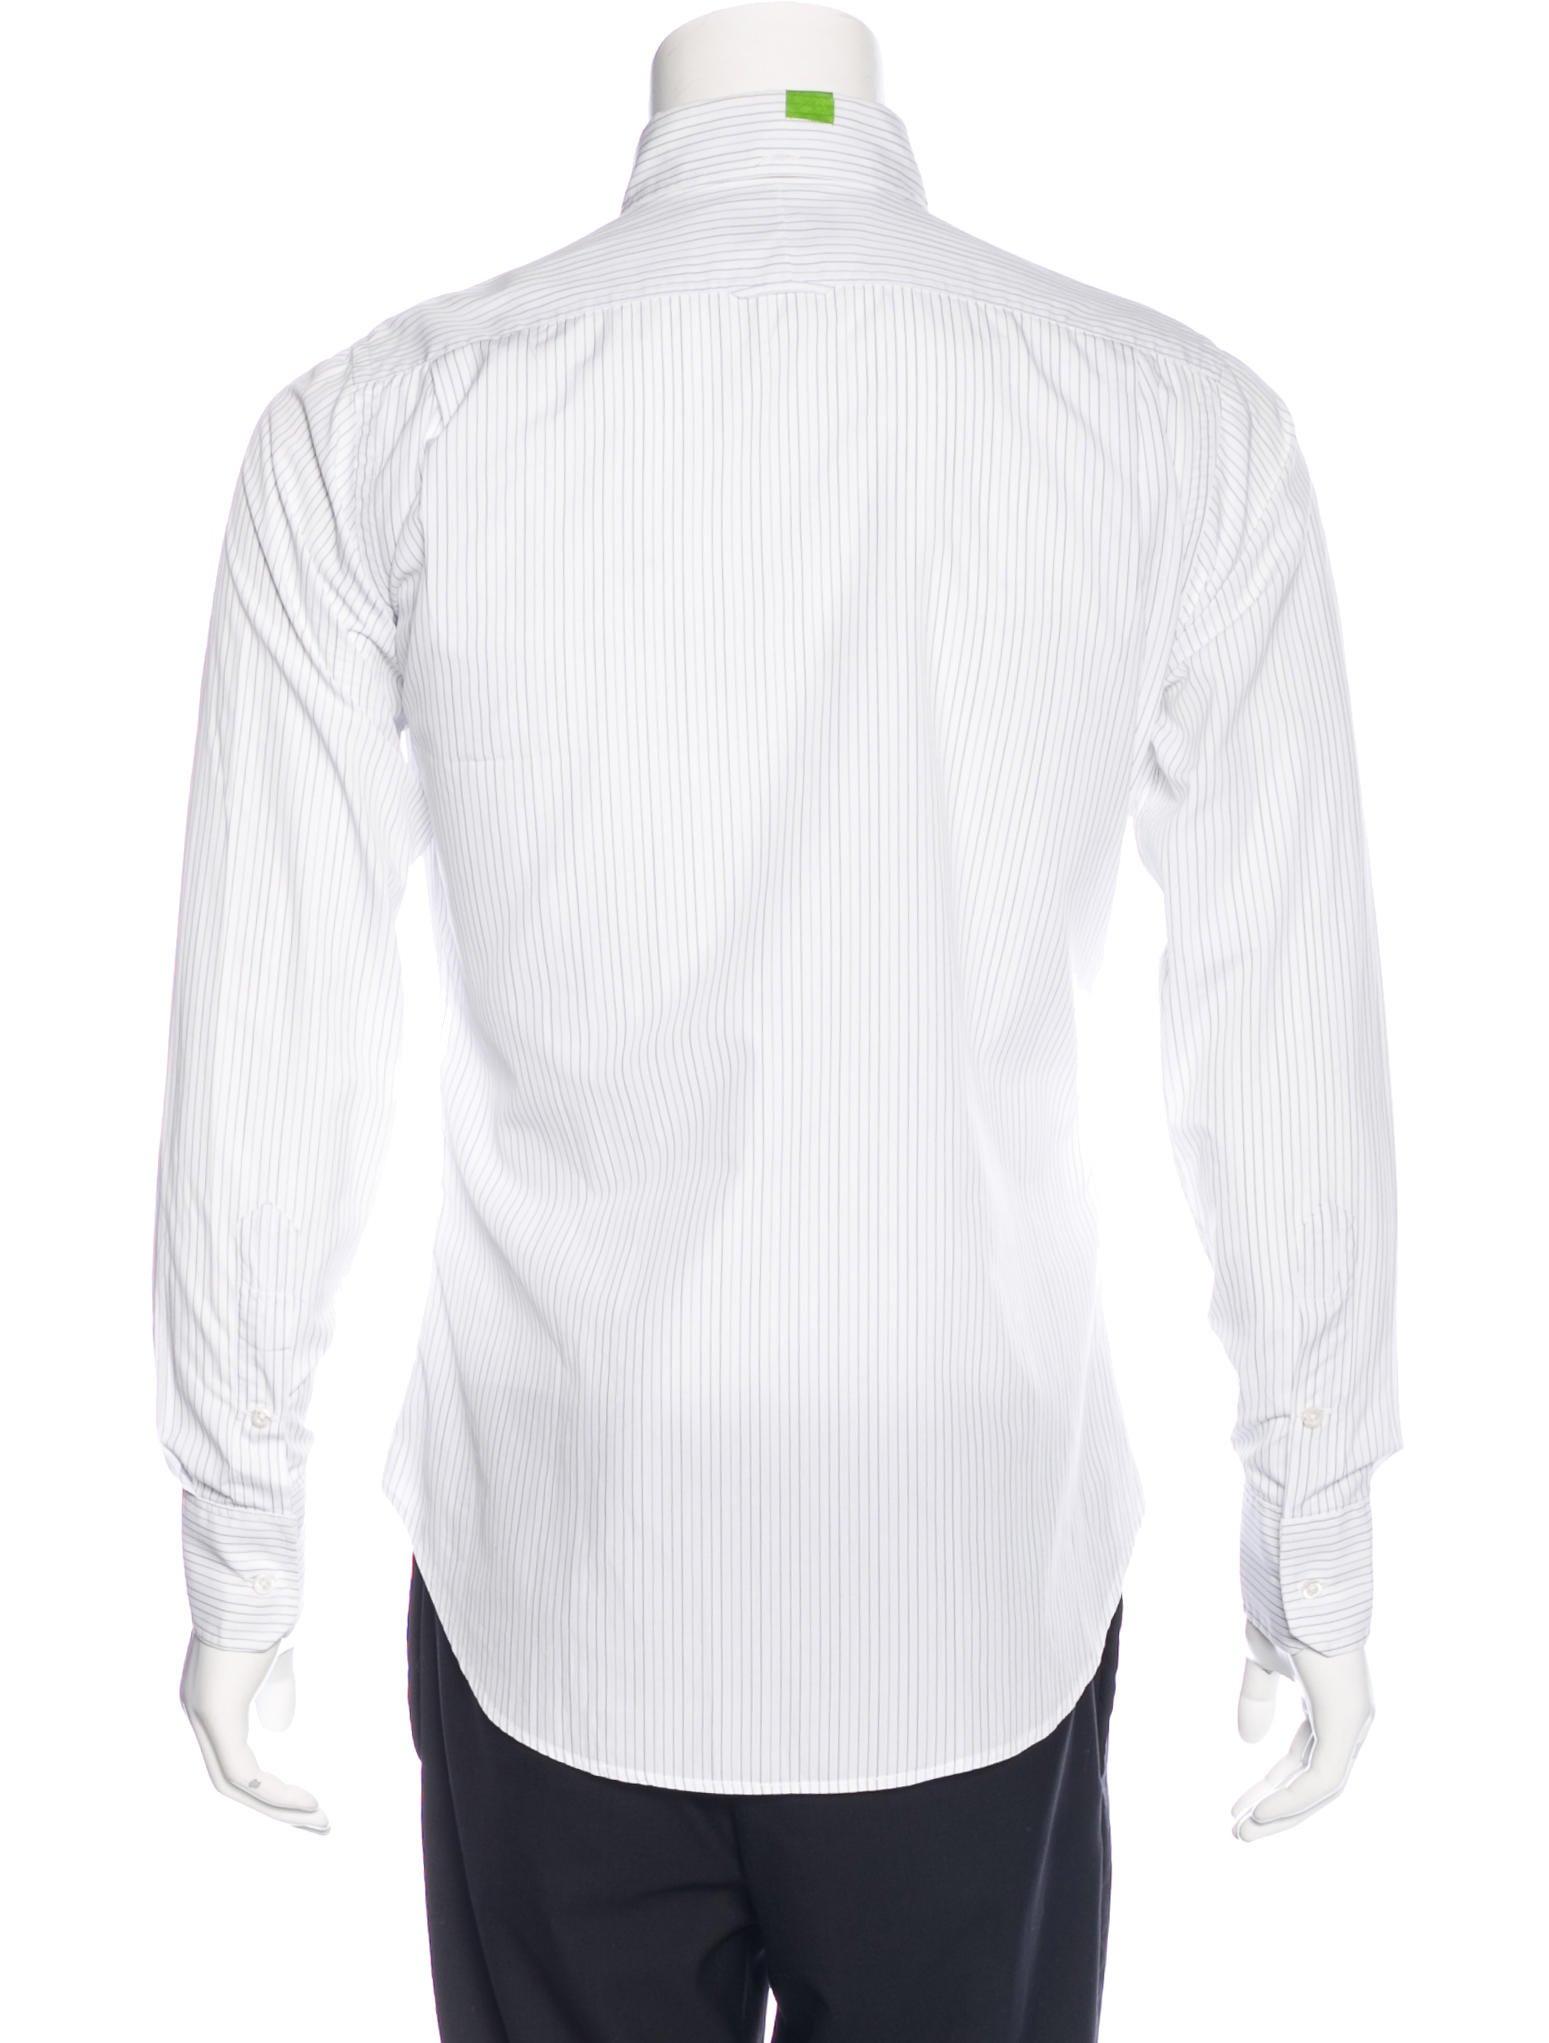 Thom browne striped poplin shirt clothing tho21544 for Thom browne white shirt